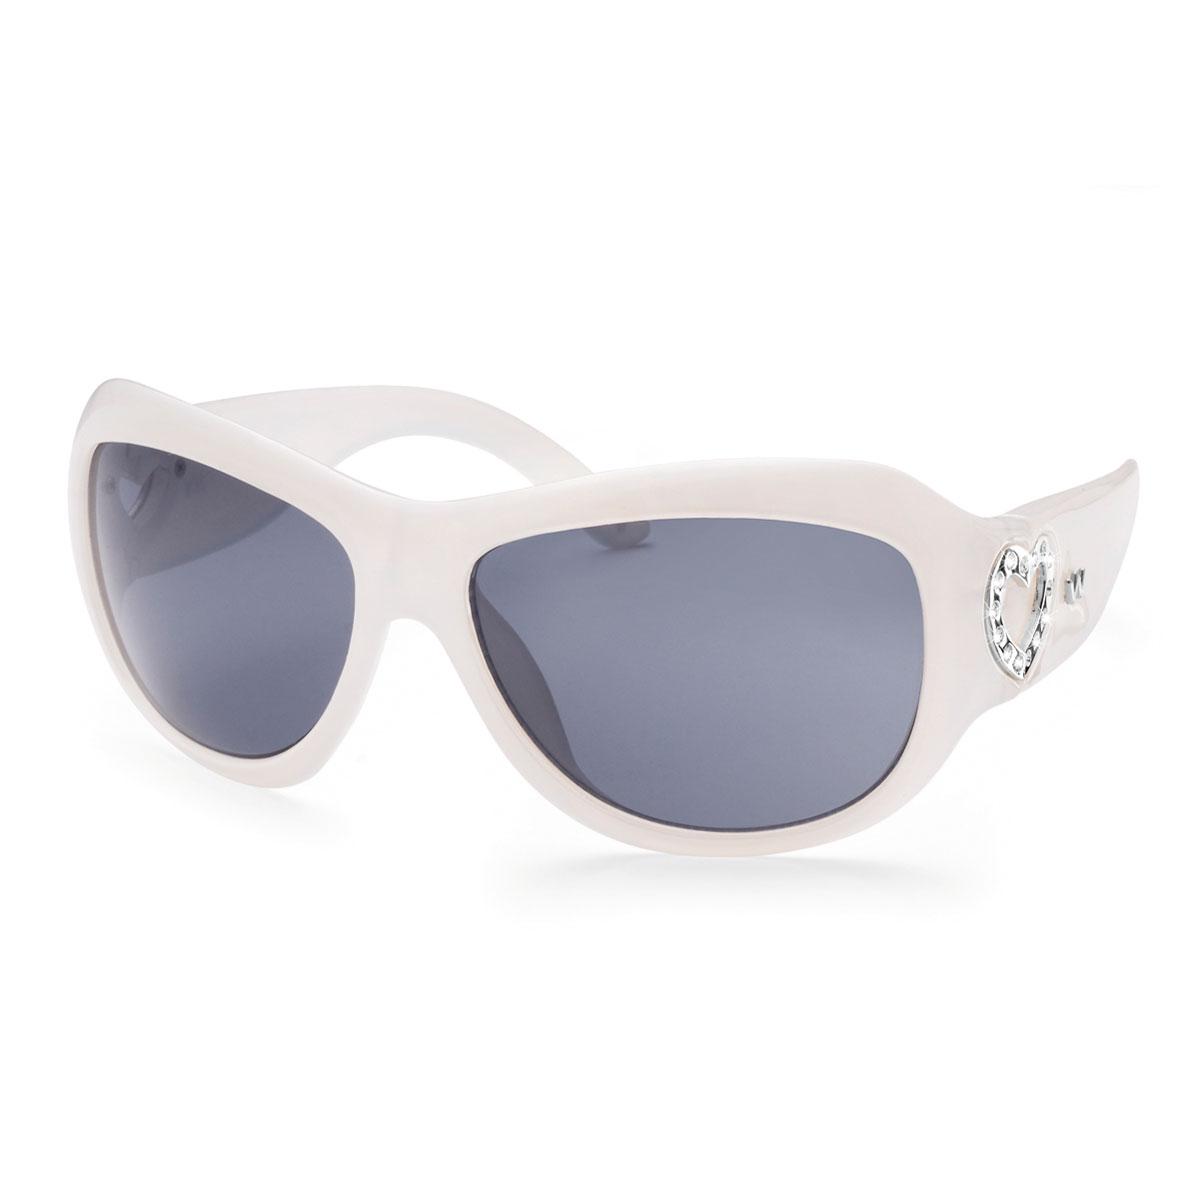 عینک آفتابی مدل جرجیا سفید